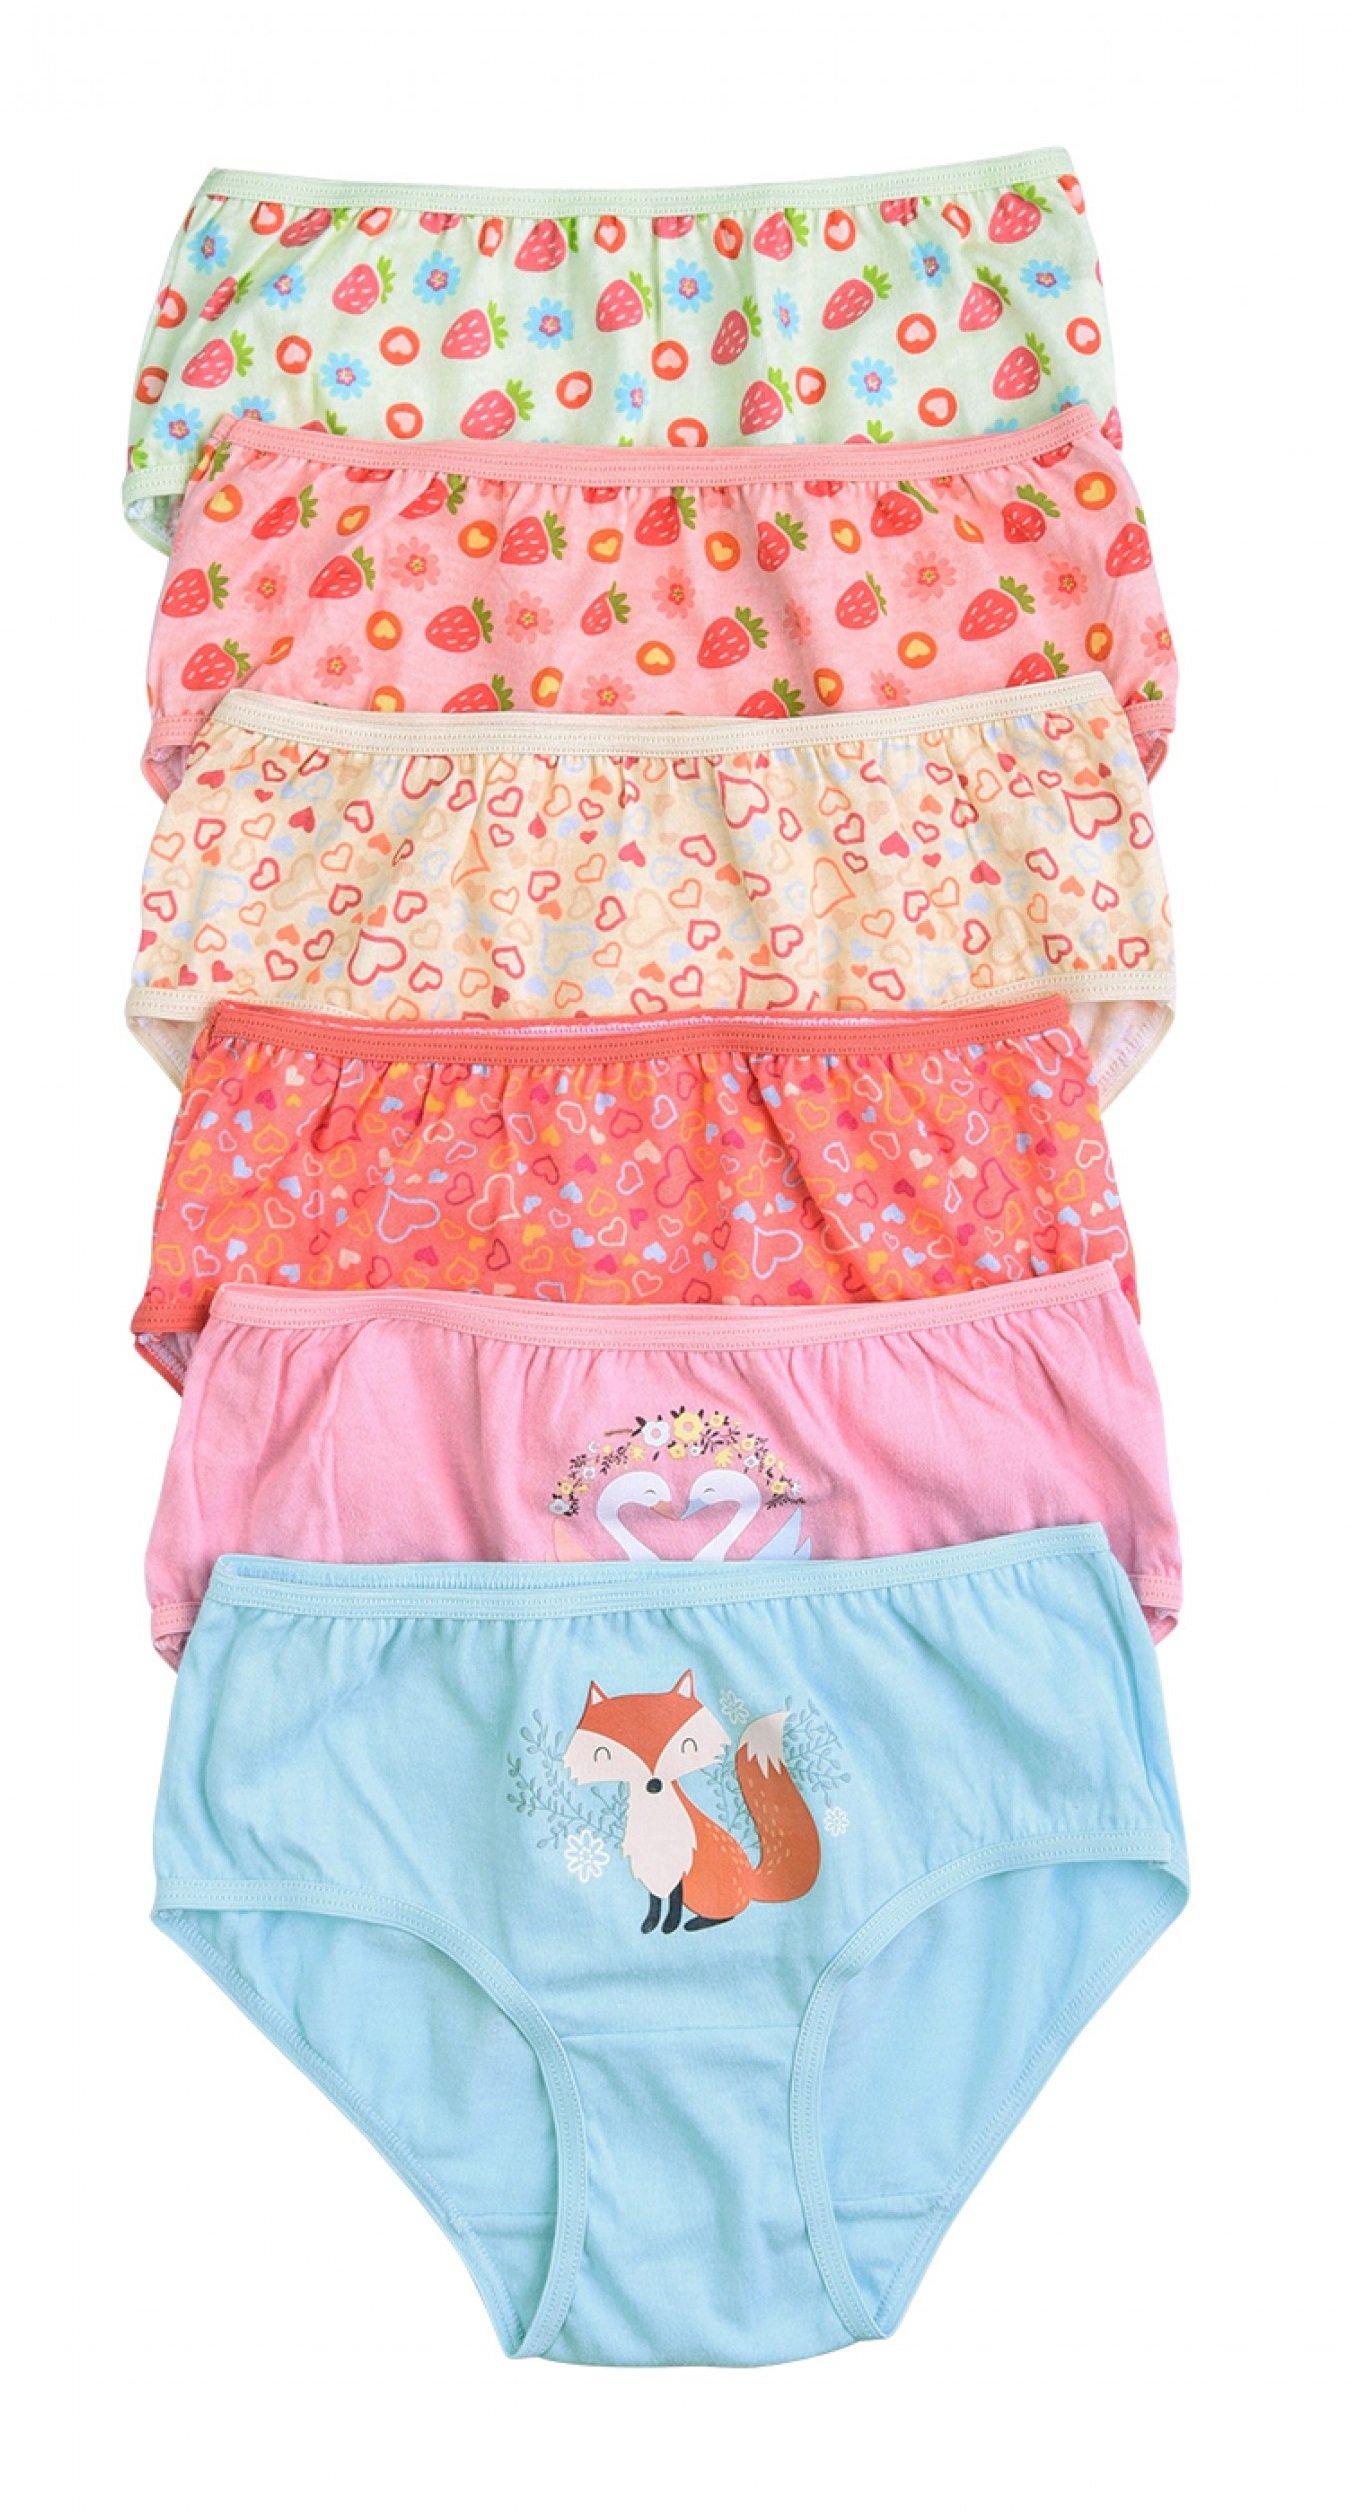 ToBeInStyle Girls' Pack of 6 Love & Strawberries Print Cotton Briefs - M